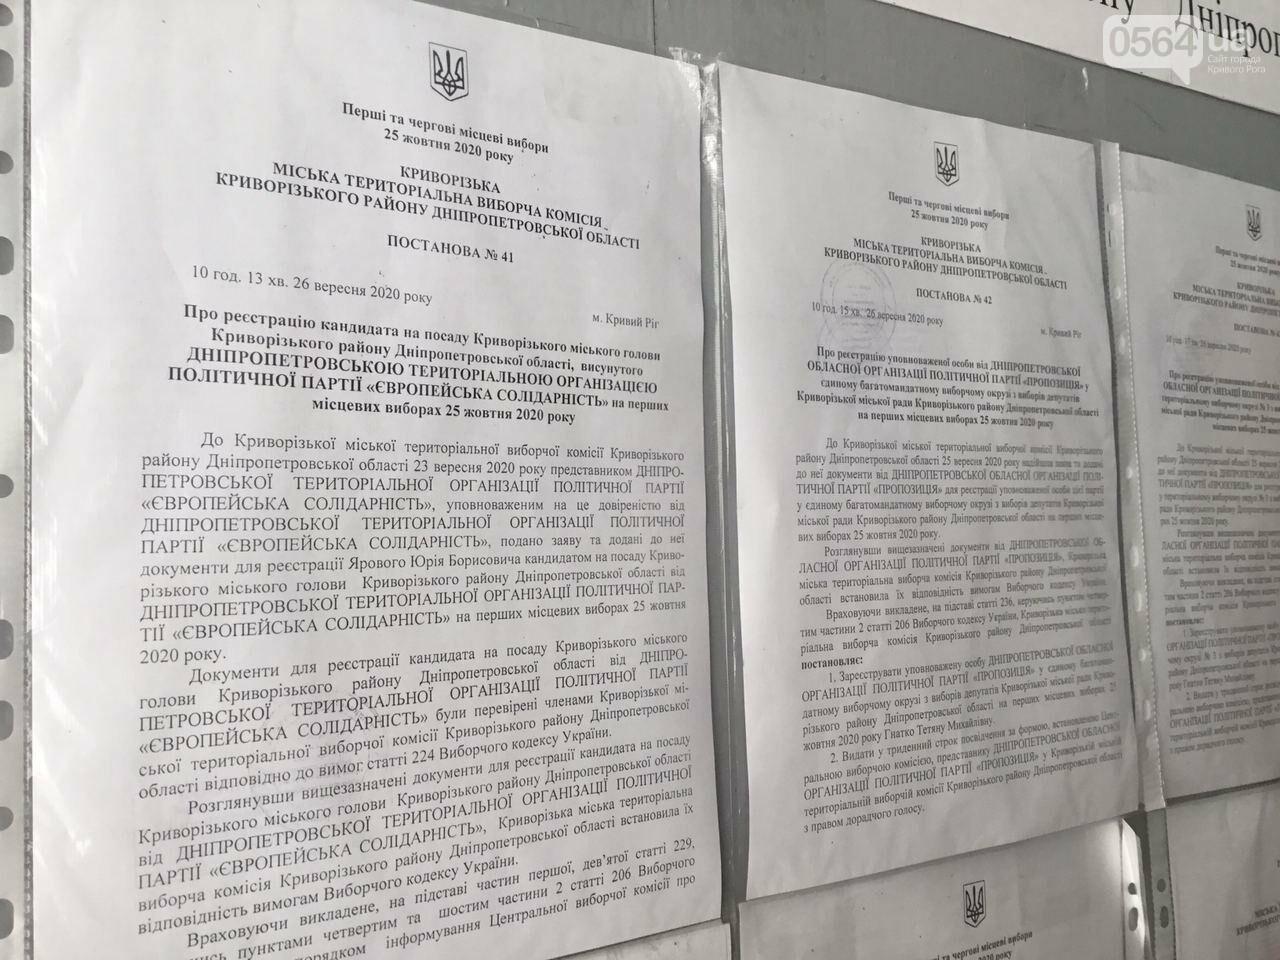 9 кандидатов в мэры и 7 партийных списков, - кого в Кривом Роге зарегистрировали кандидатами в градоначальники, - ФОТО, ВИДЕО, фото-13